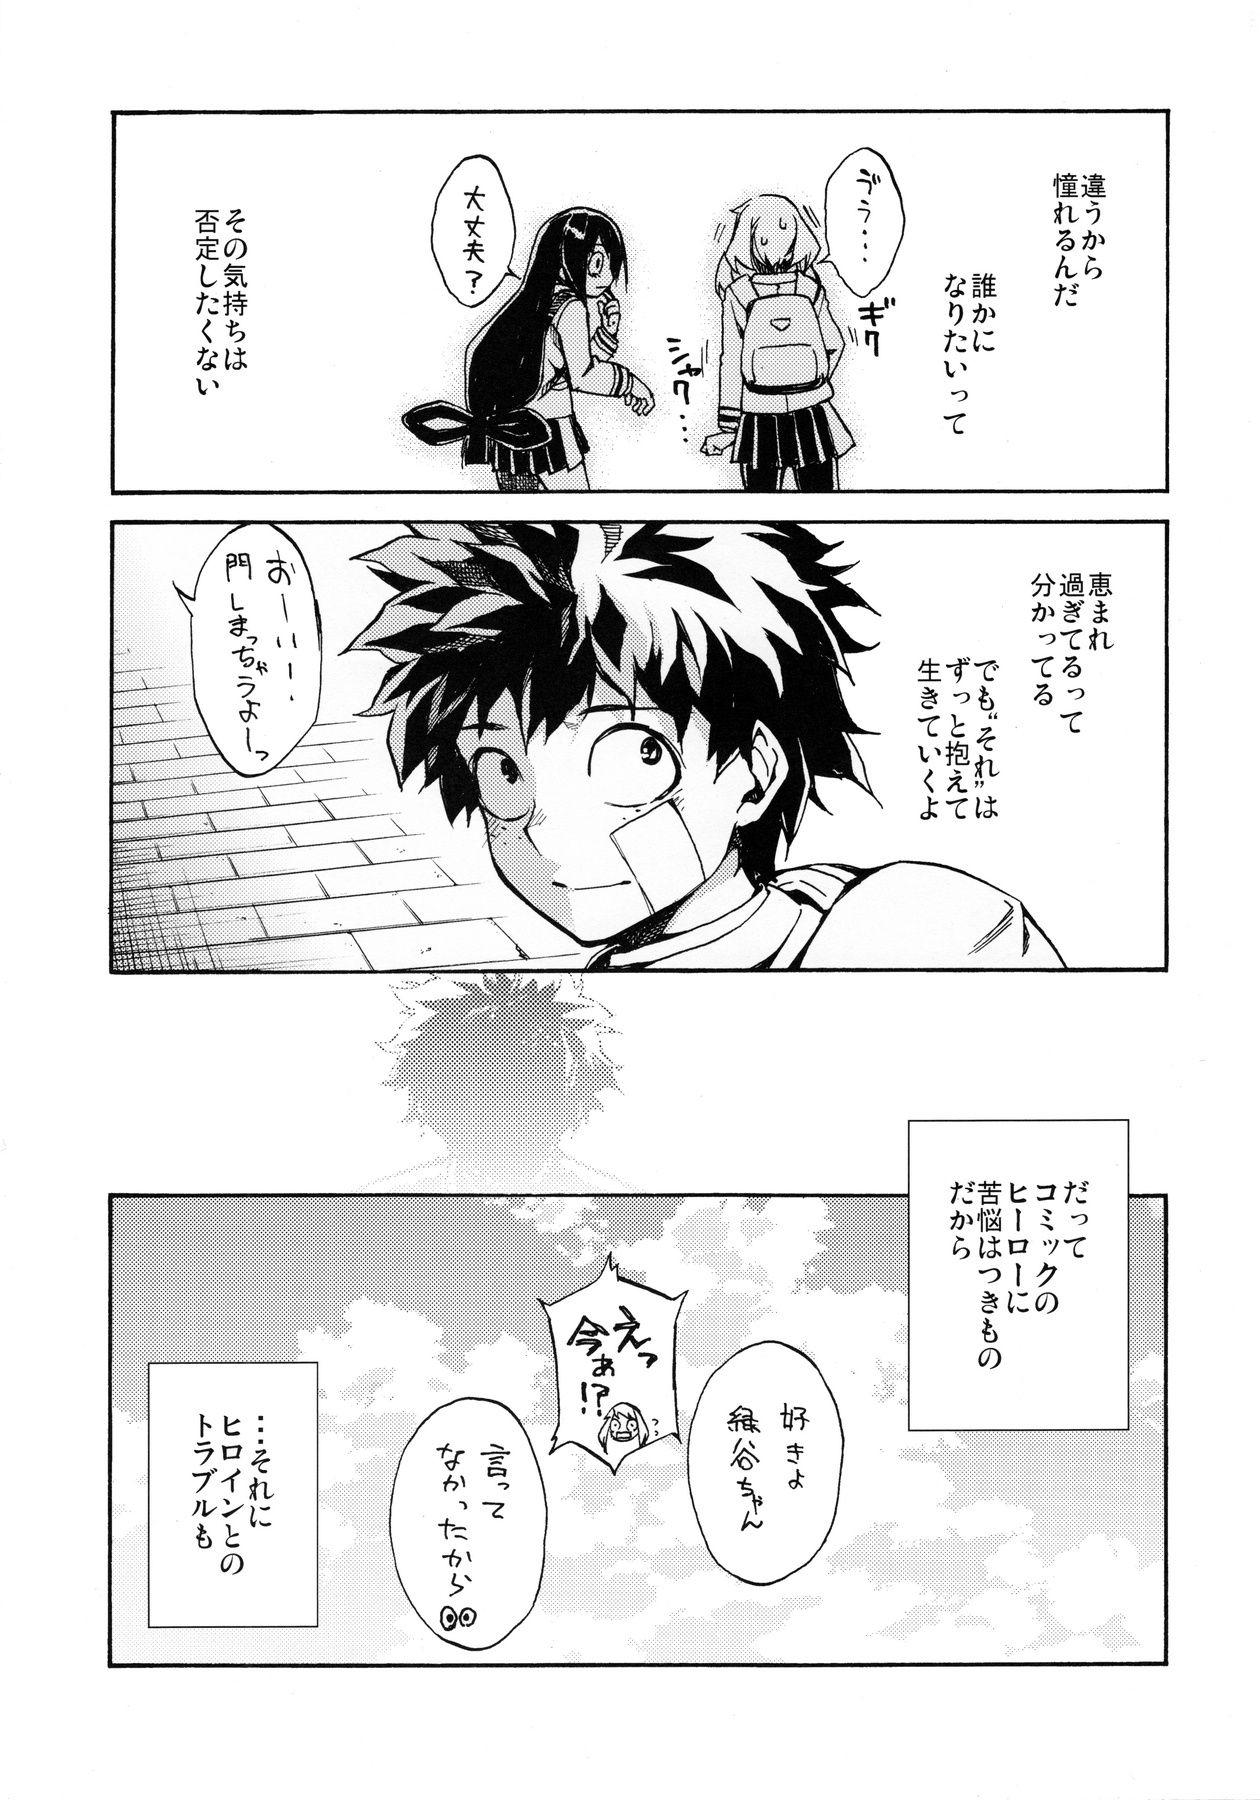 Ukiseikou hentai manga picture 24